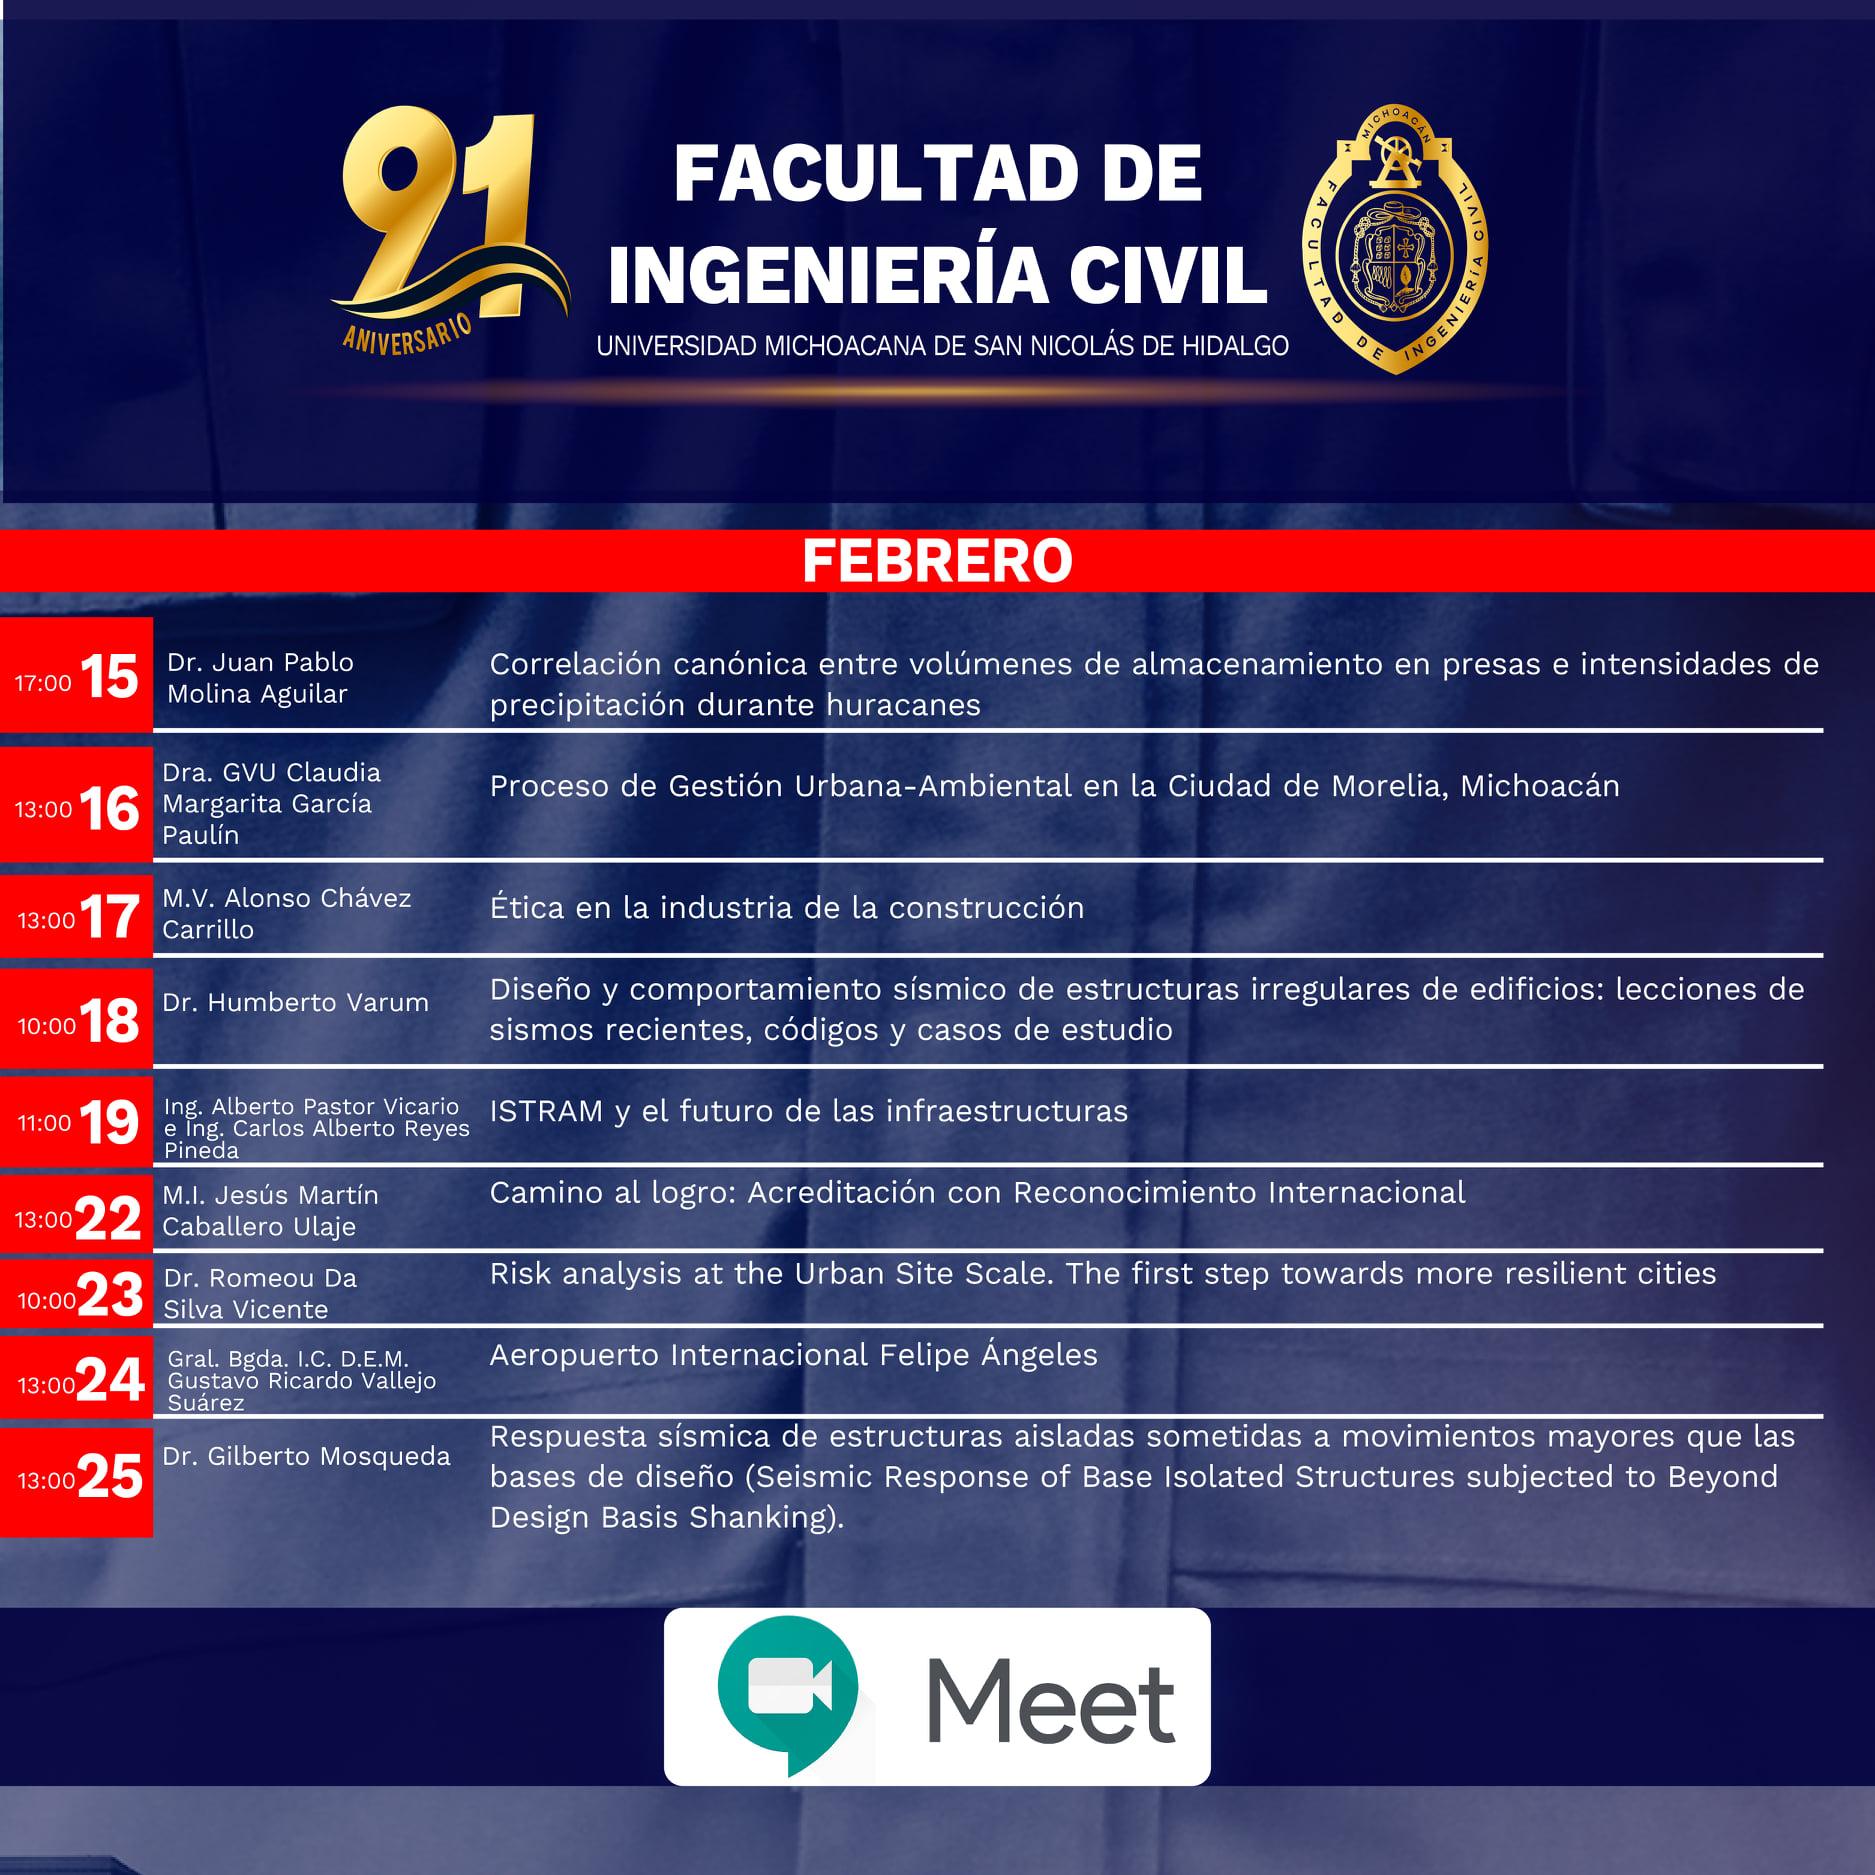 Ciclo de Conferencias académicas de la Facultad de Ingeniería Civil con motivo de XCI aniversario.